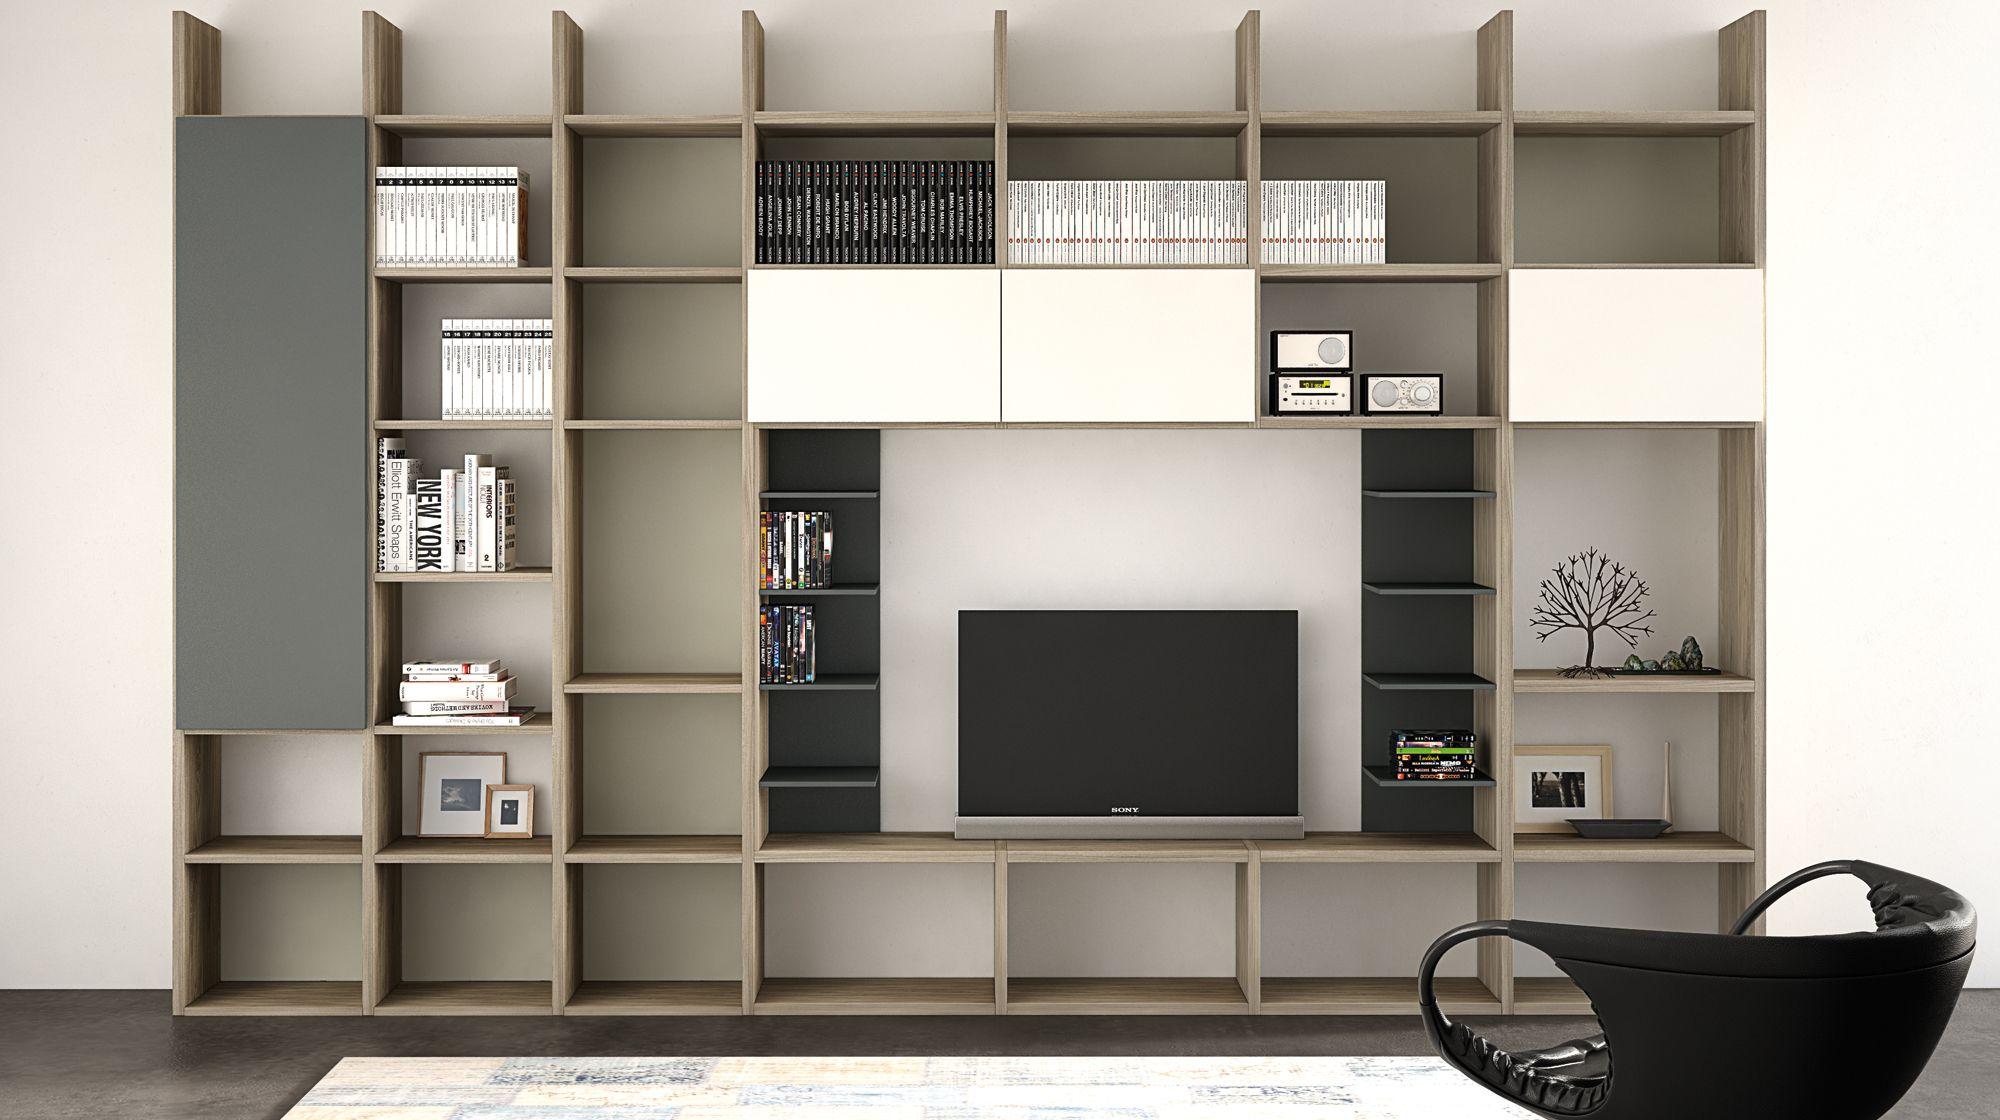 Spalla il mondo del living a spalla permette di comporre librerie contenitori o vani a giorno - Comporre cucina mondo convenienza ...